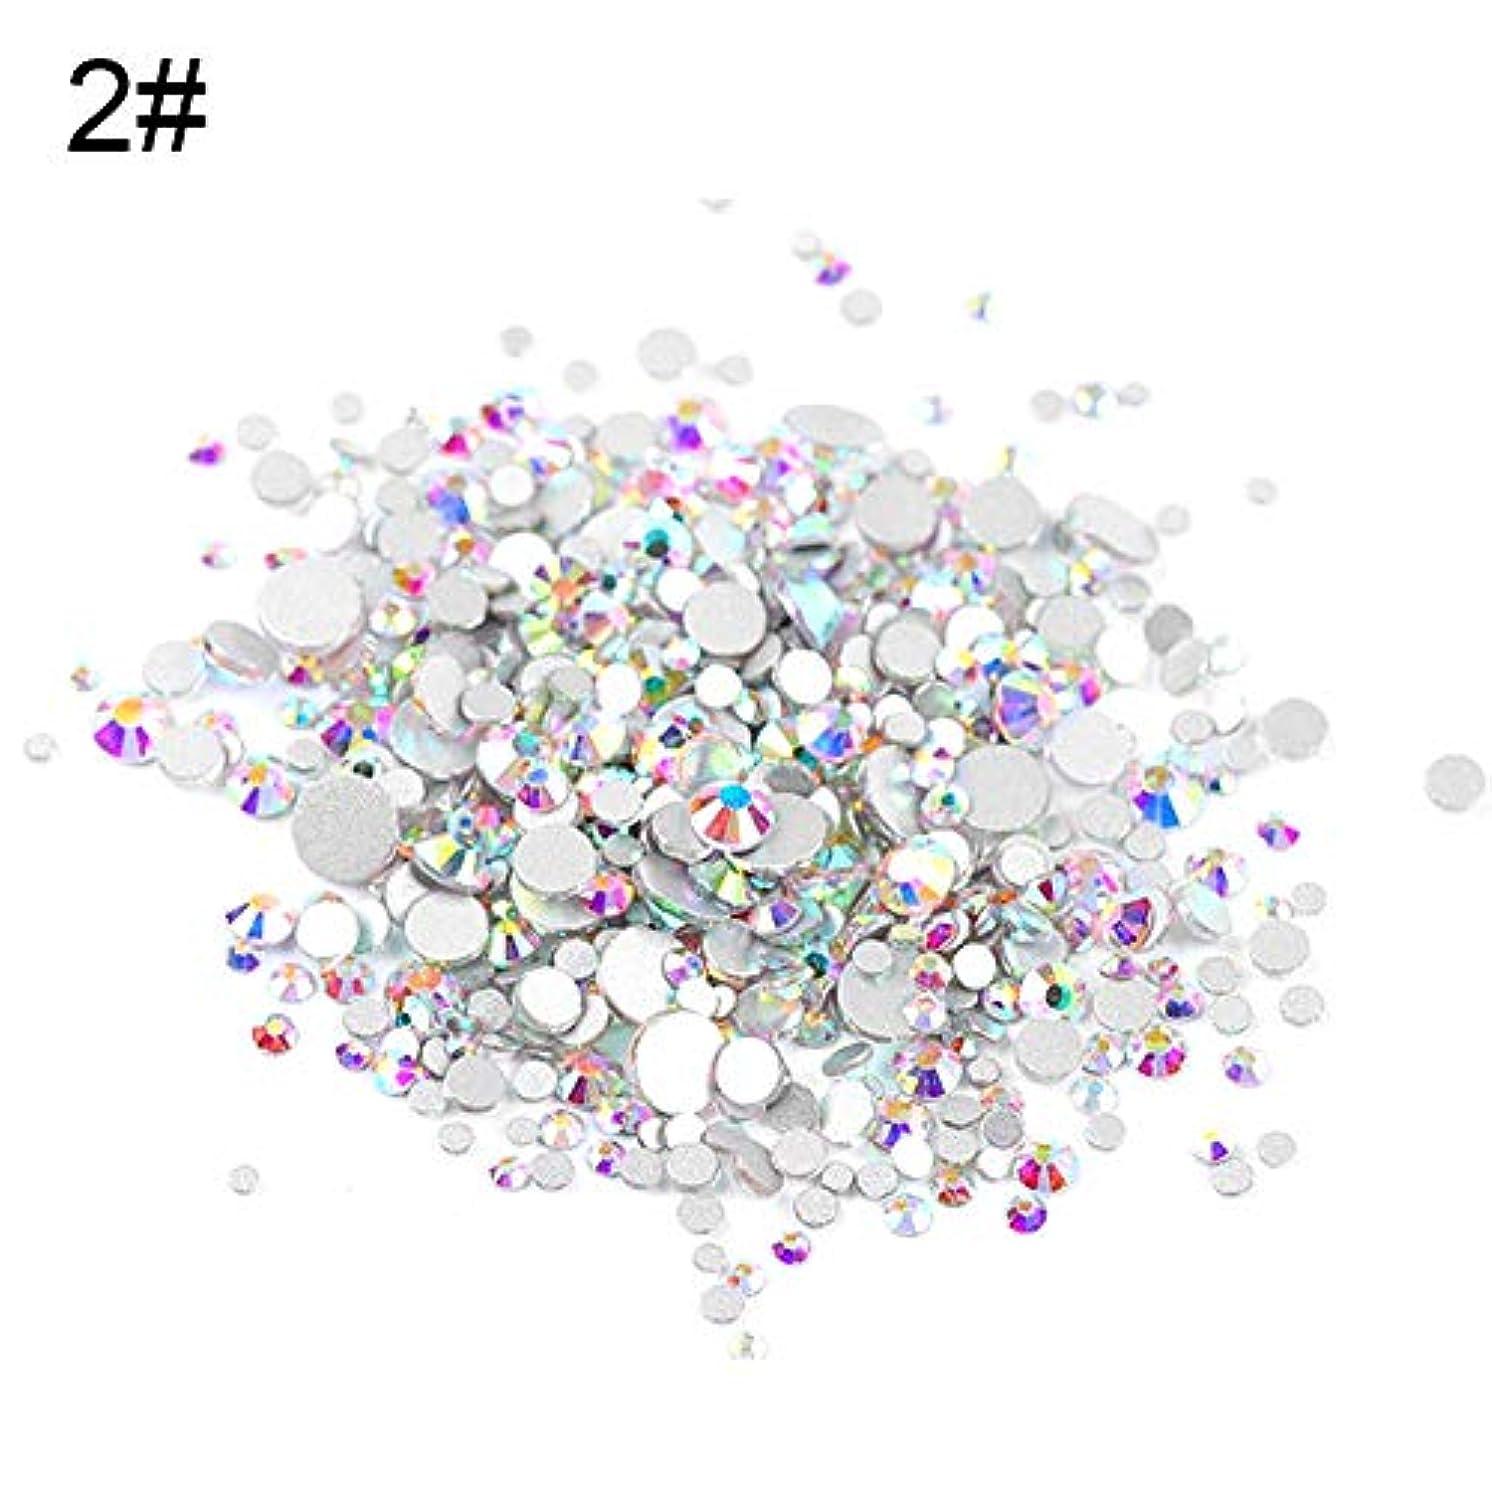 半円スマッシュ強打slQinjiansavネイルアート&ツール修理ツール1440PcsグリッターDIY 3Dフラットネイルアートラインストーンスパンキンデコレーションマニキュアのヒント - 1#